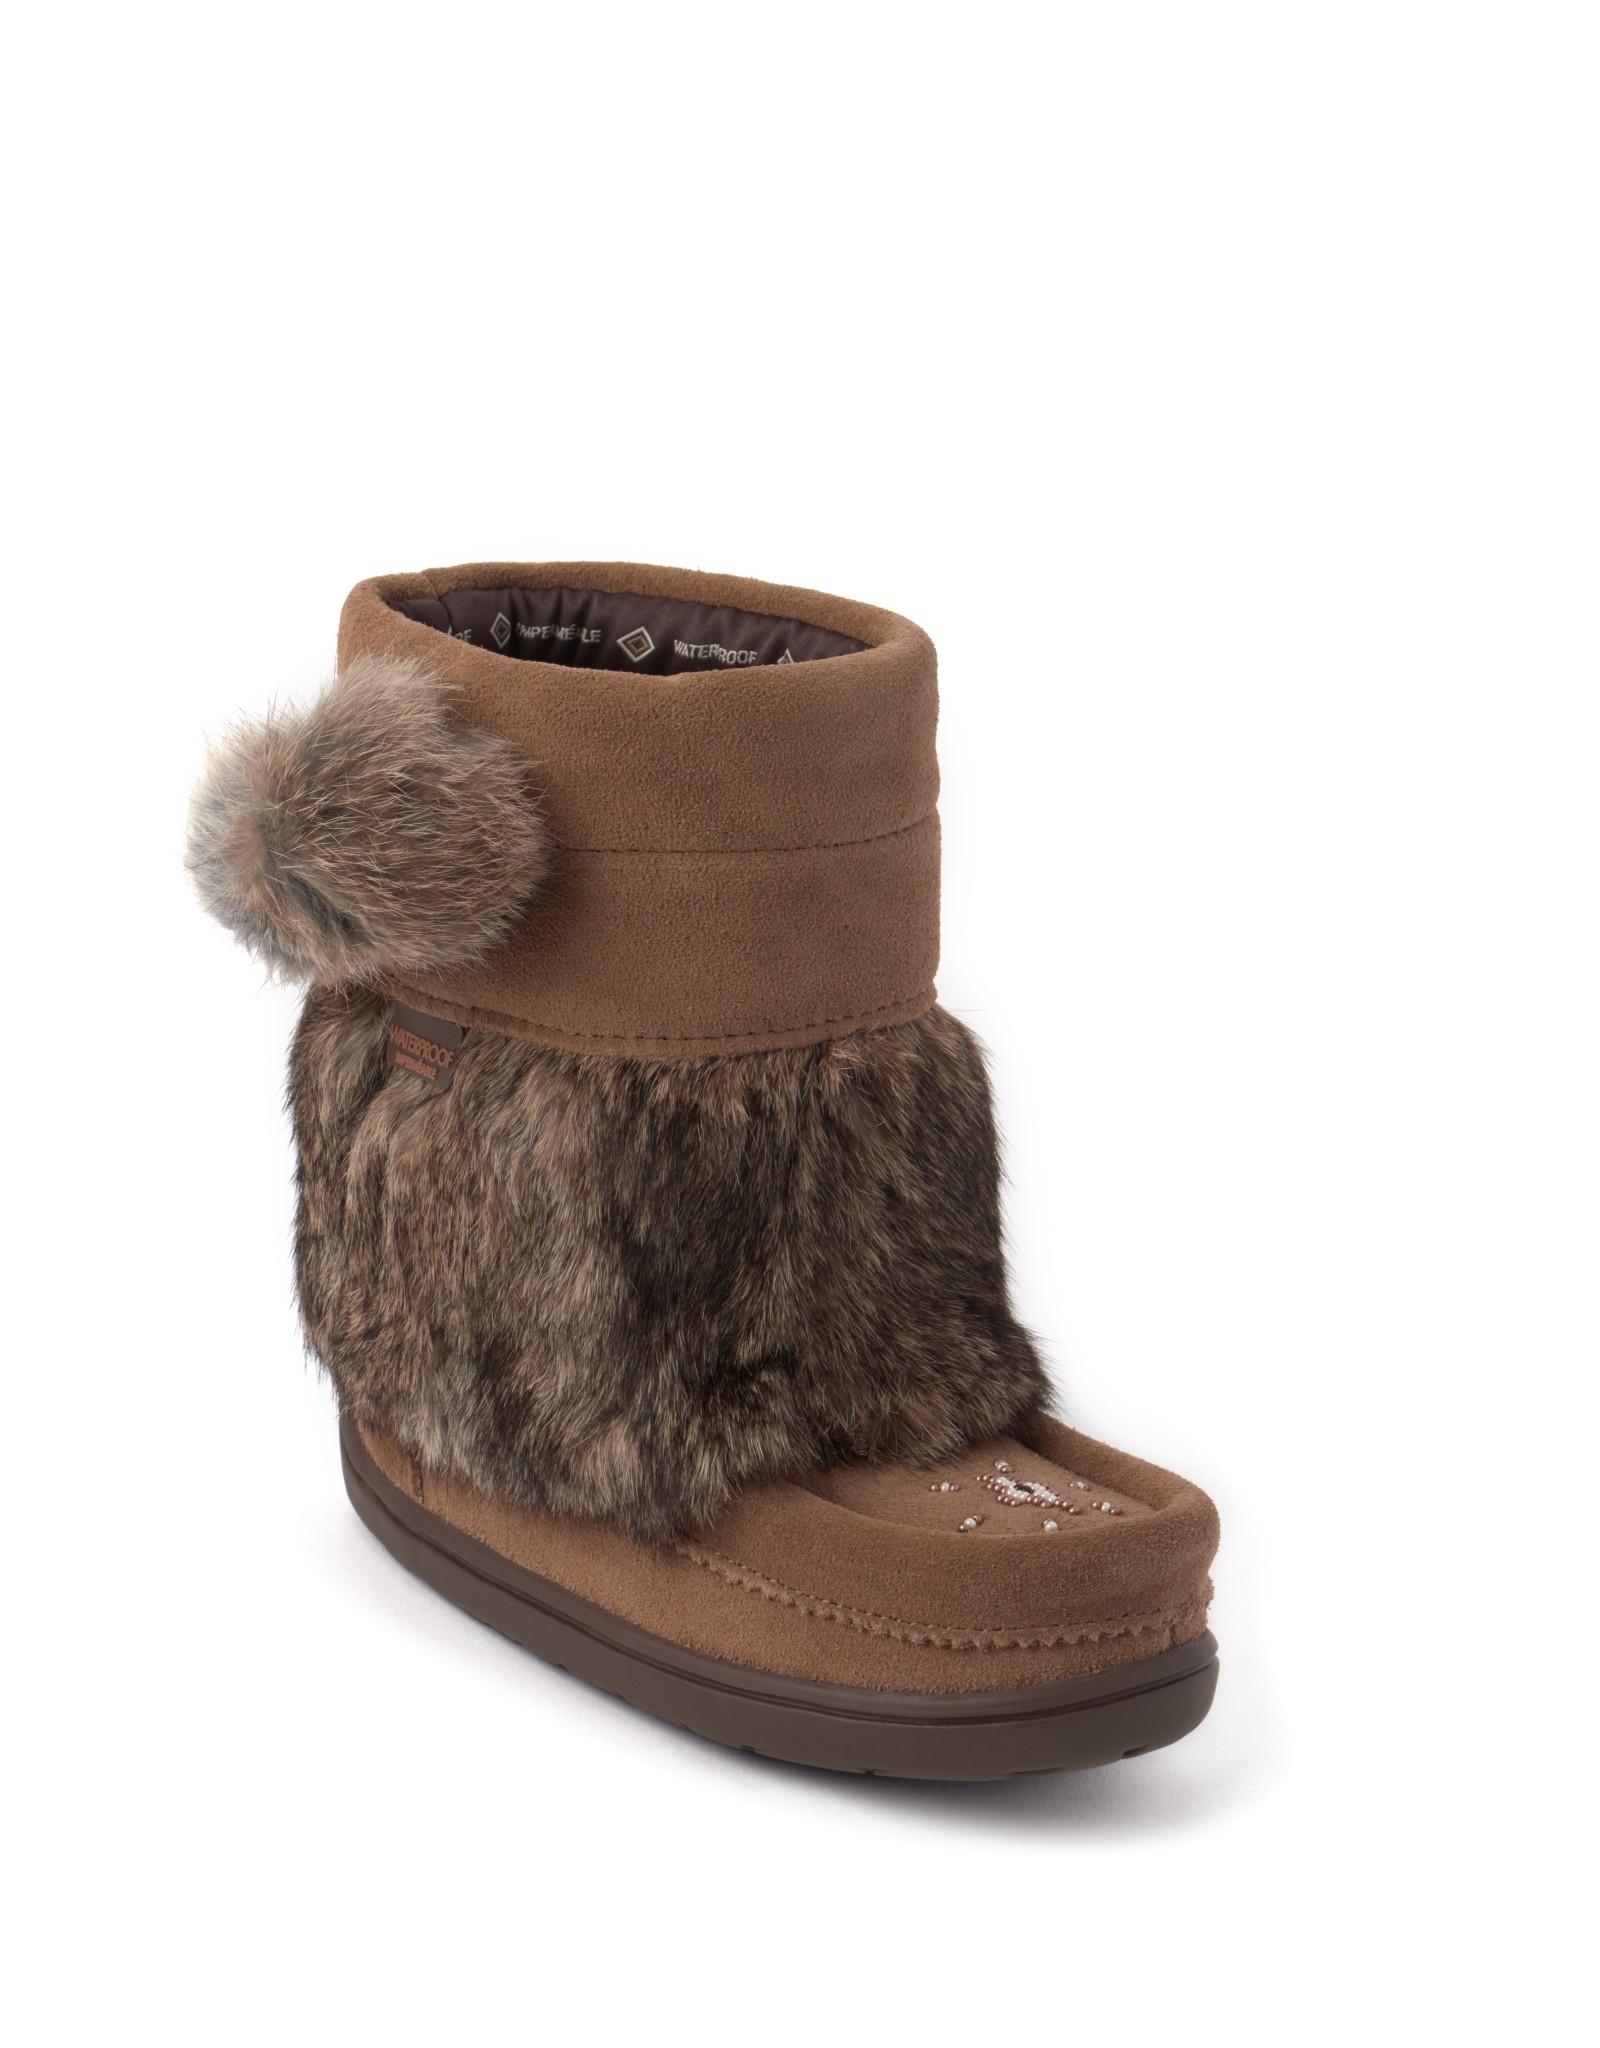 Manitobah Mukluks Manitobah Mukluks Snowy Owlet Suede Mukluk Kids'